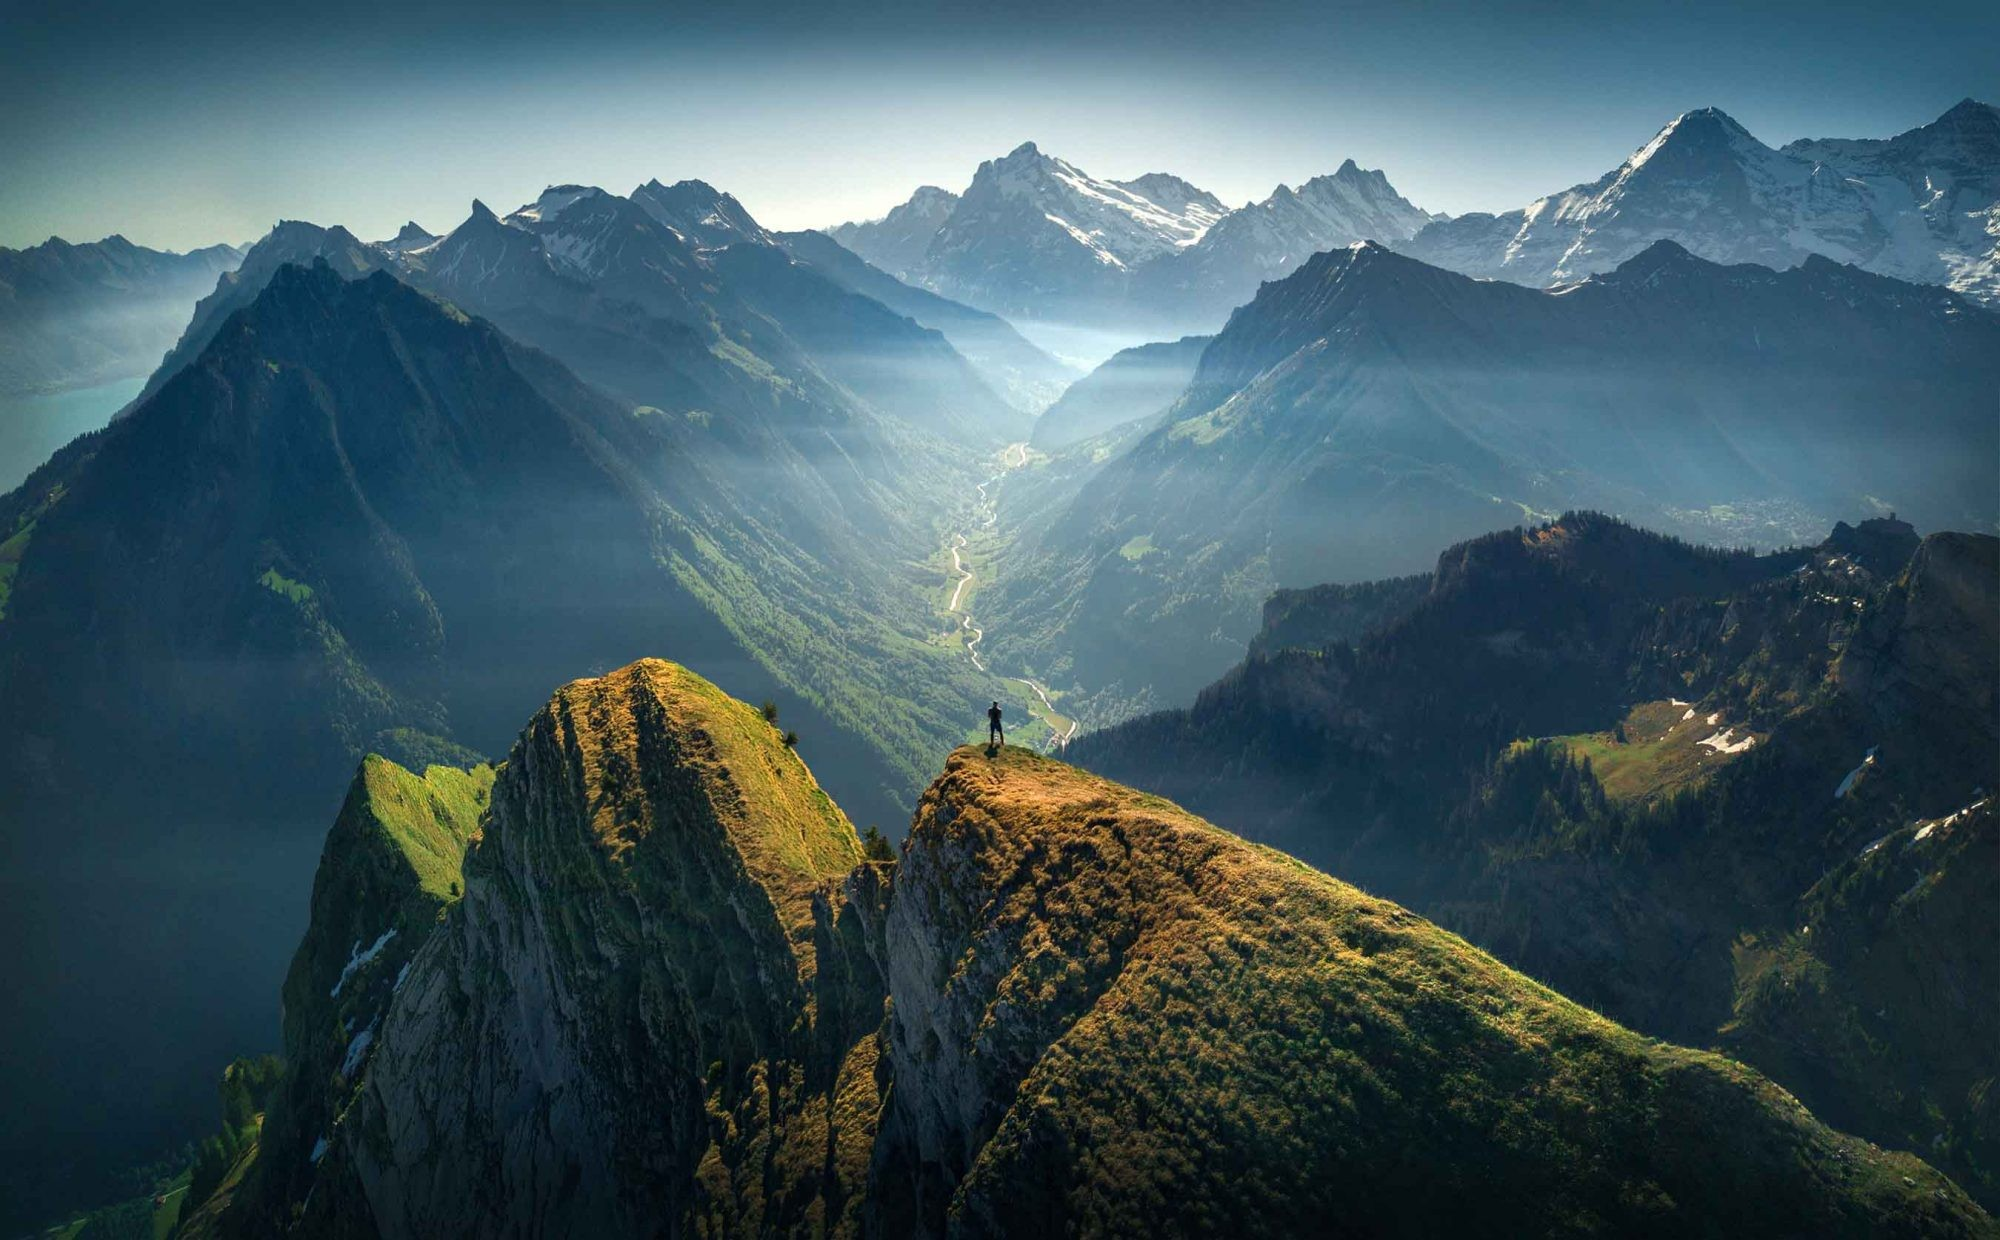 Альпы. Фотограф Макс Райв